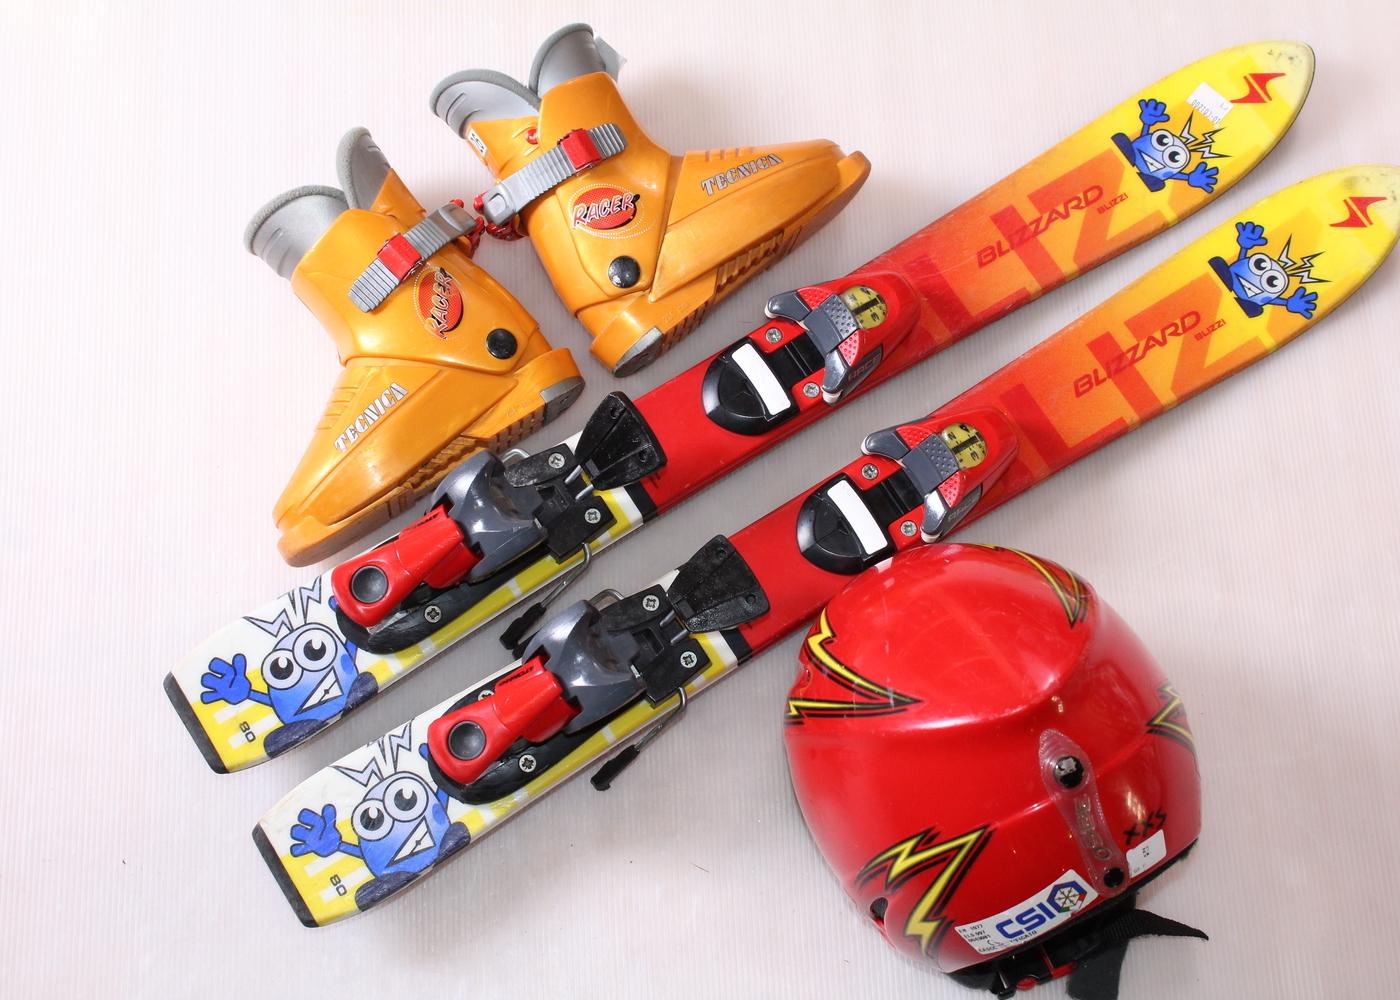 Dětské lyže  Blizzi 80 cm + lyžáky  26EU + helma